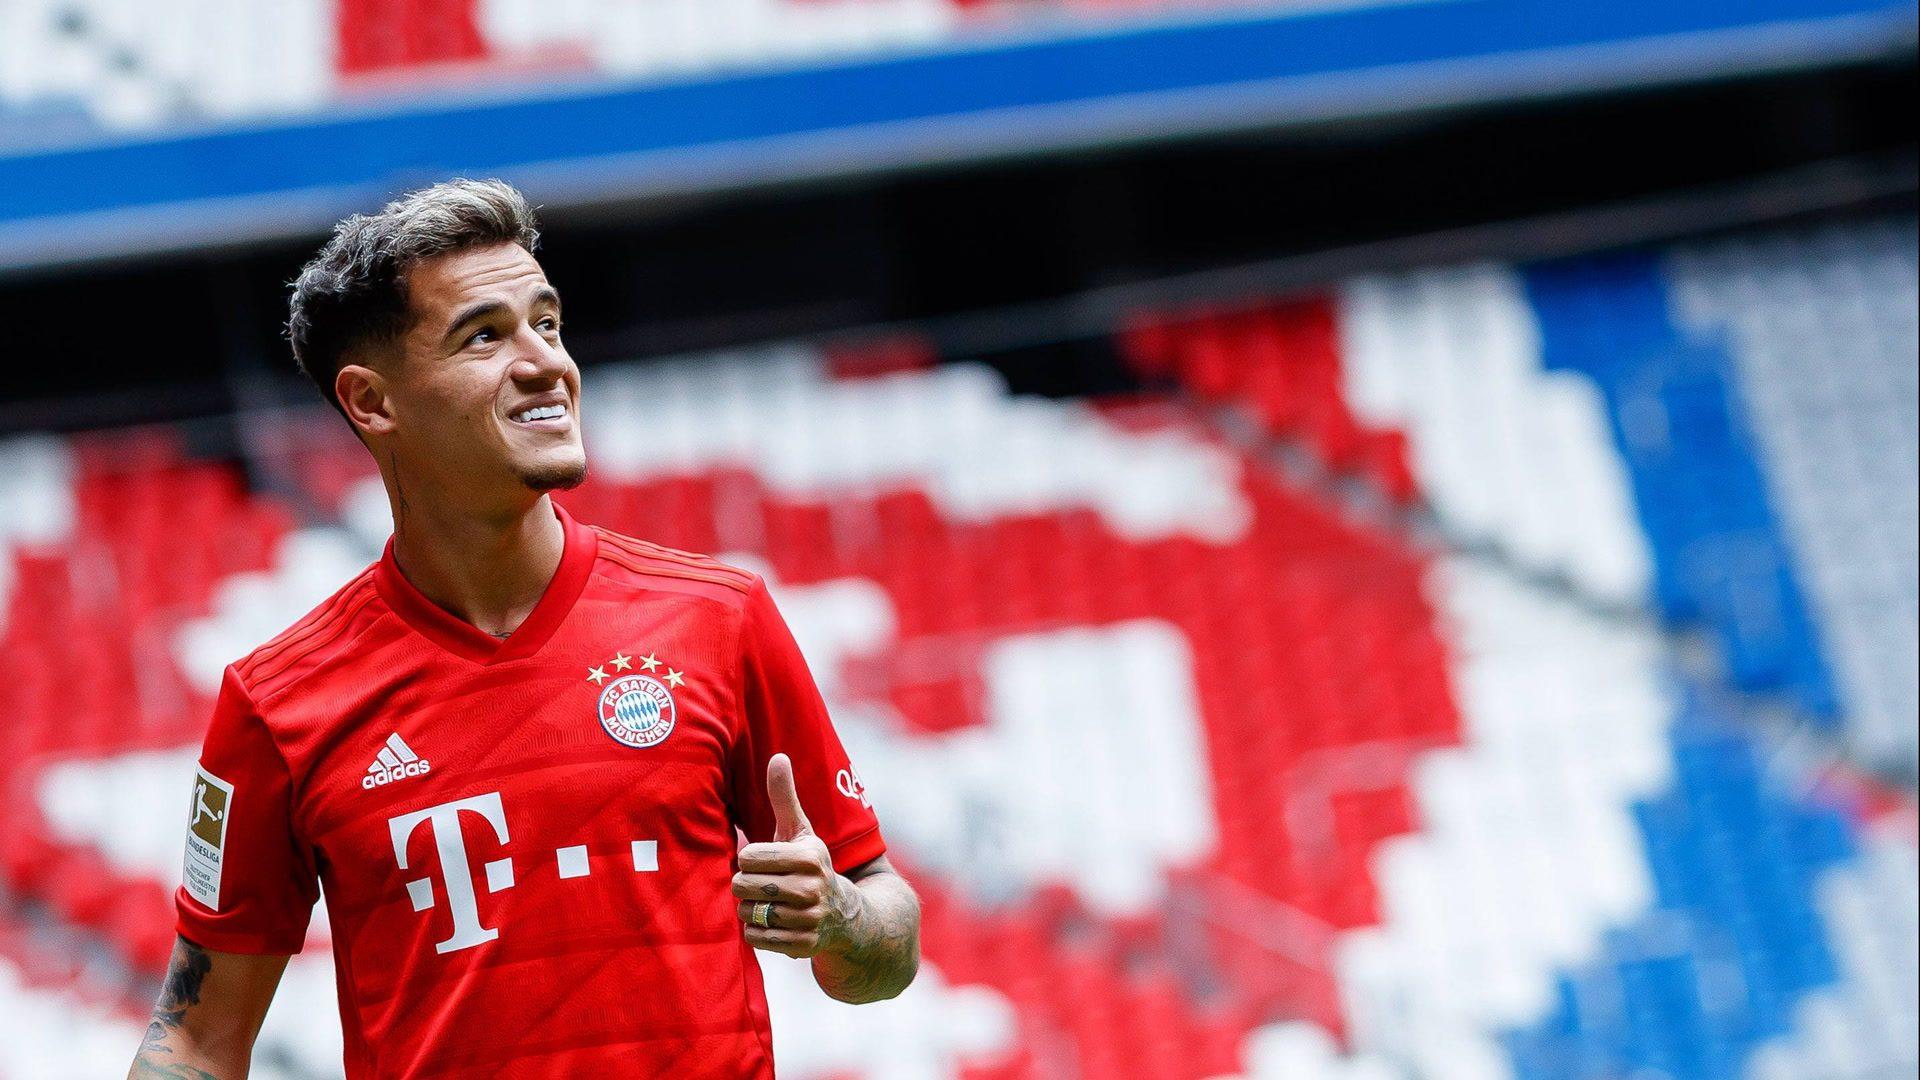 So gut passt Coutinho zum FC Bayern München